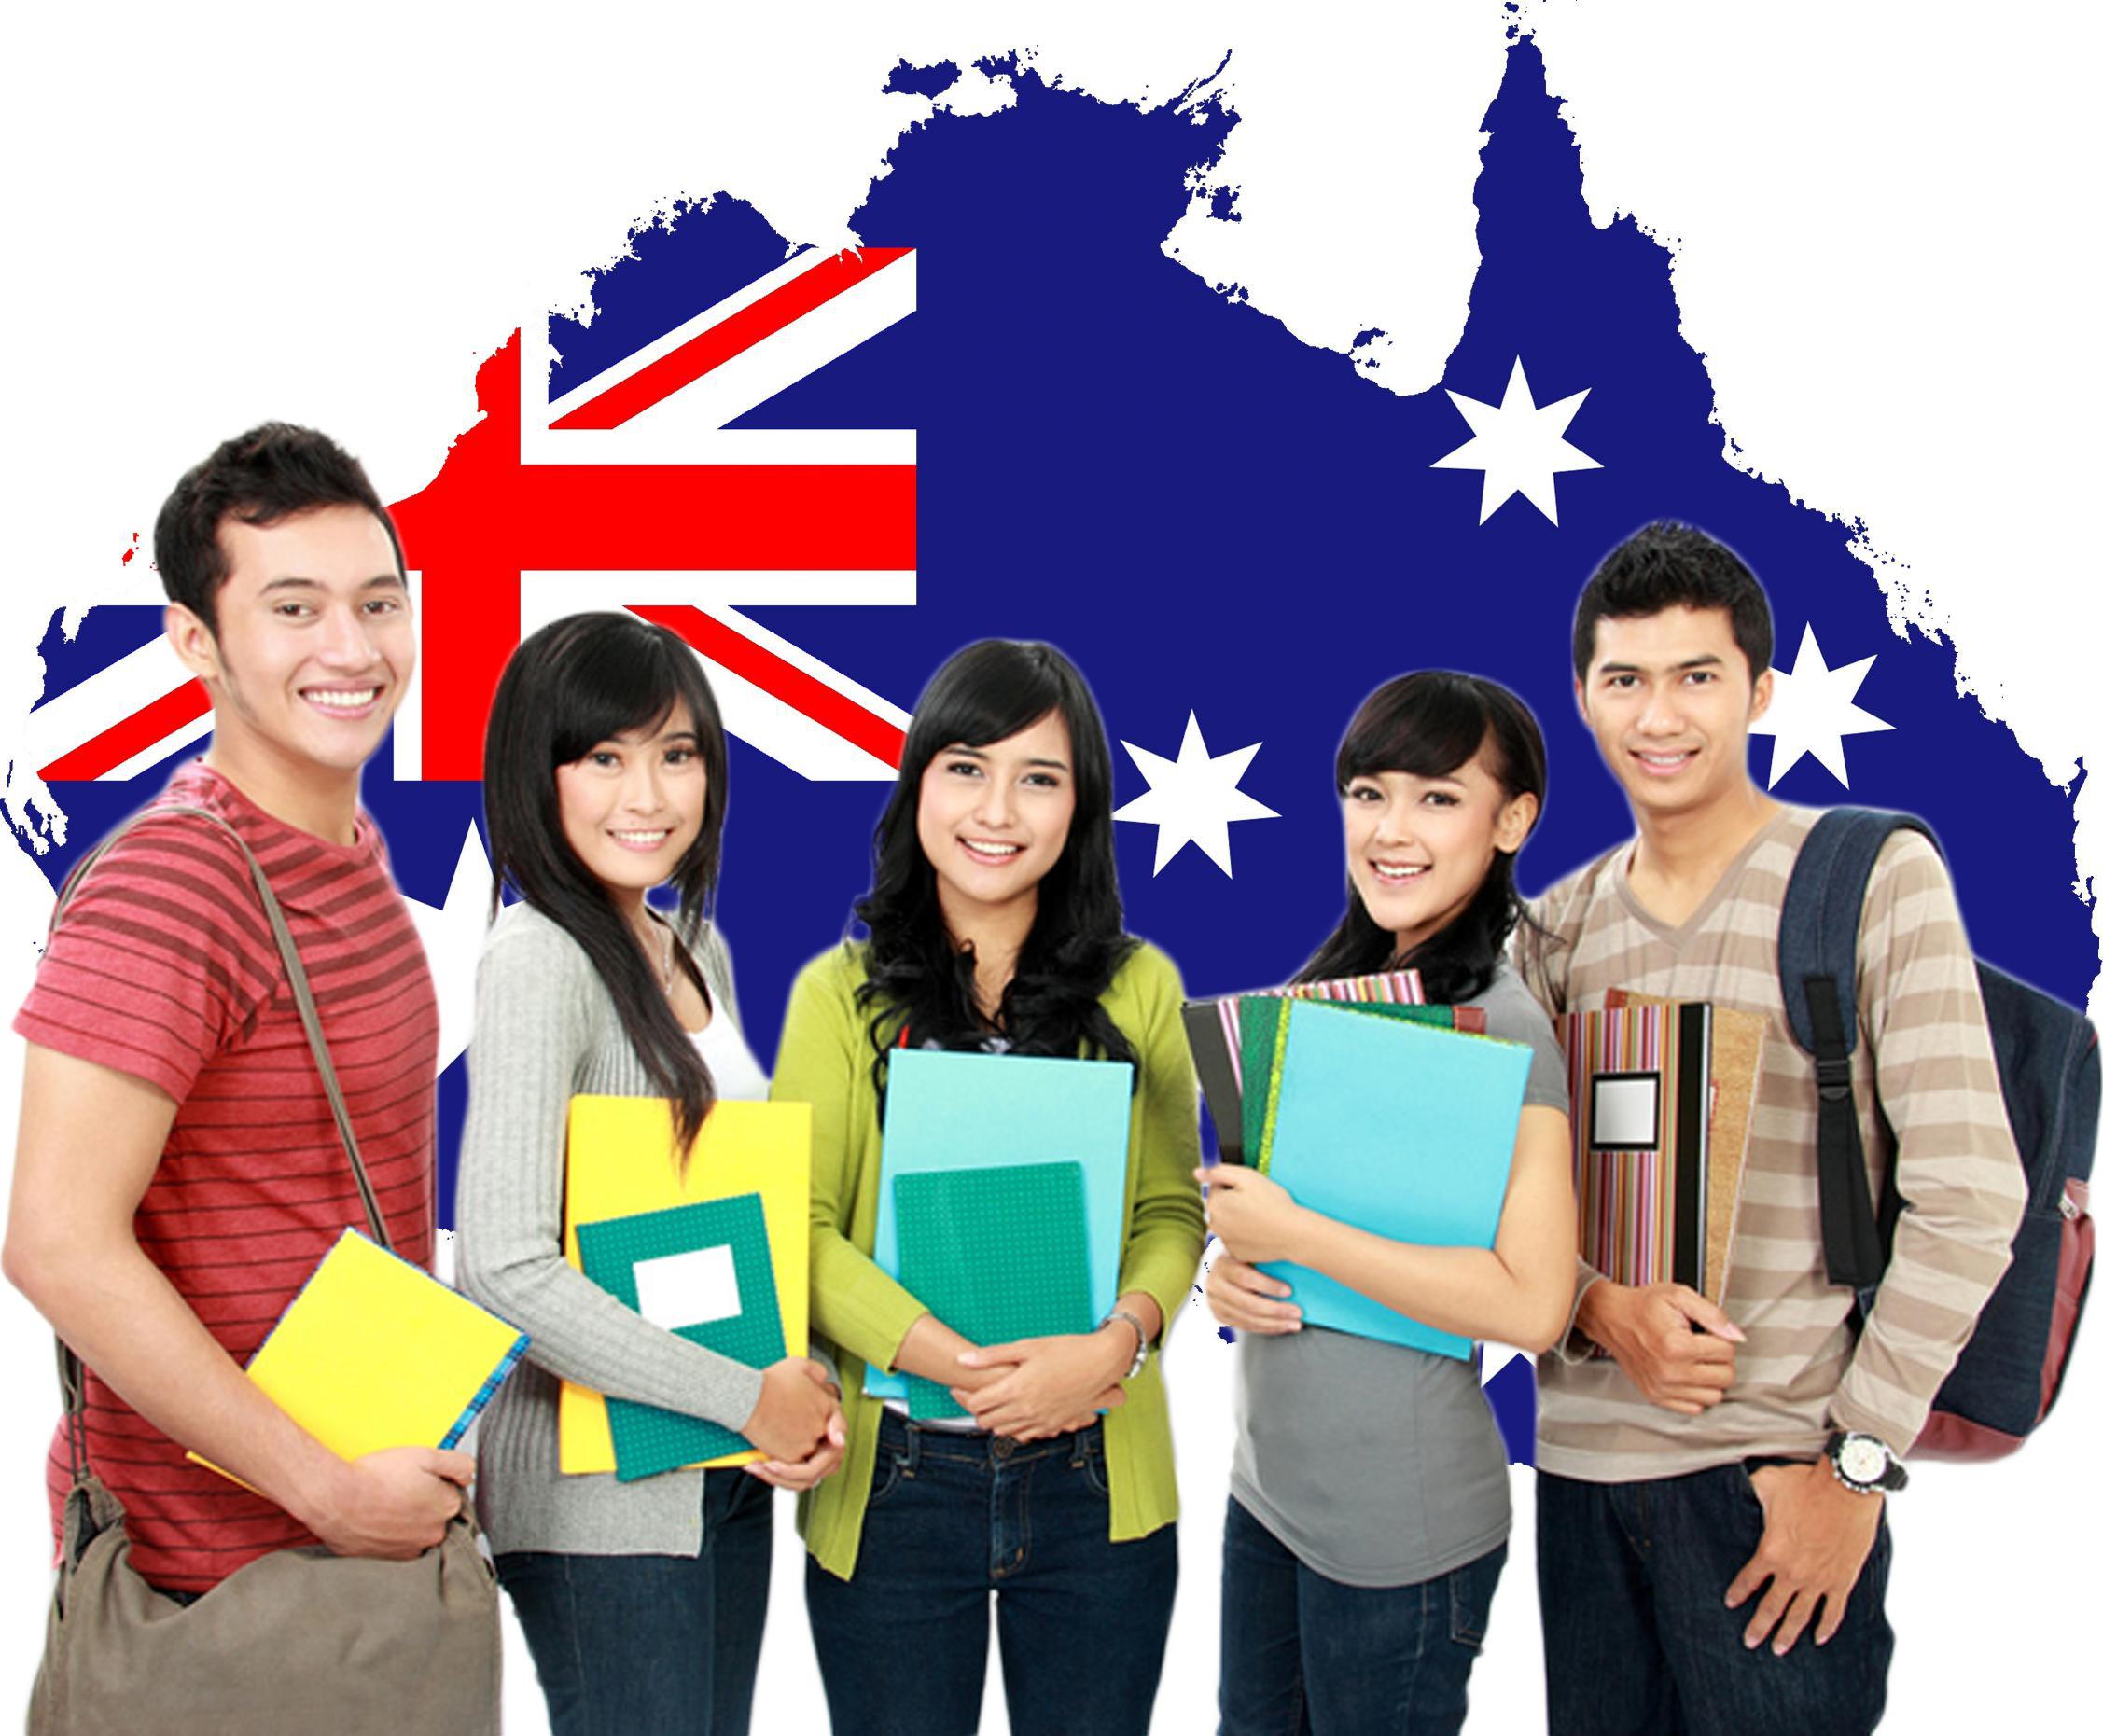 Chính sách yêu cầu chứng minh tài chính từng là trở ngại khi đi du học Úc